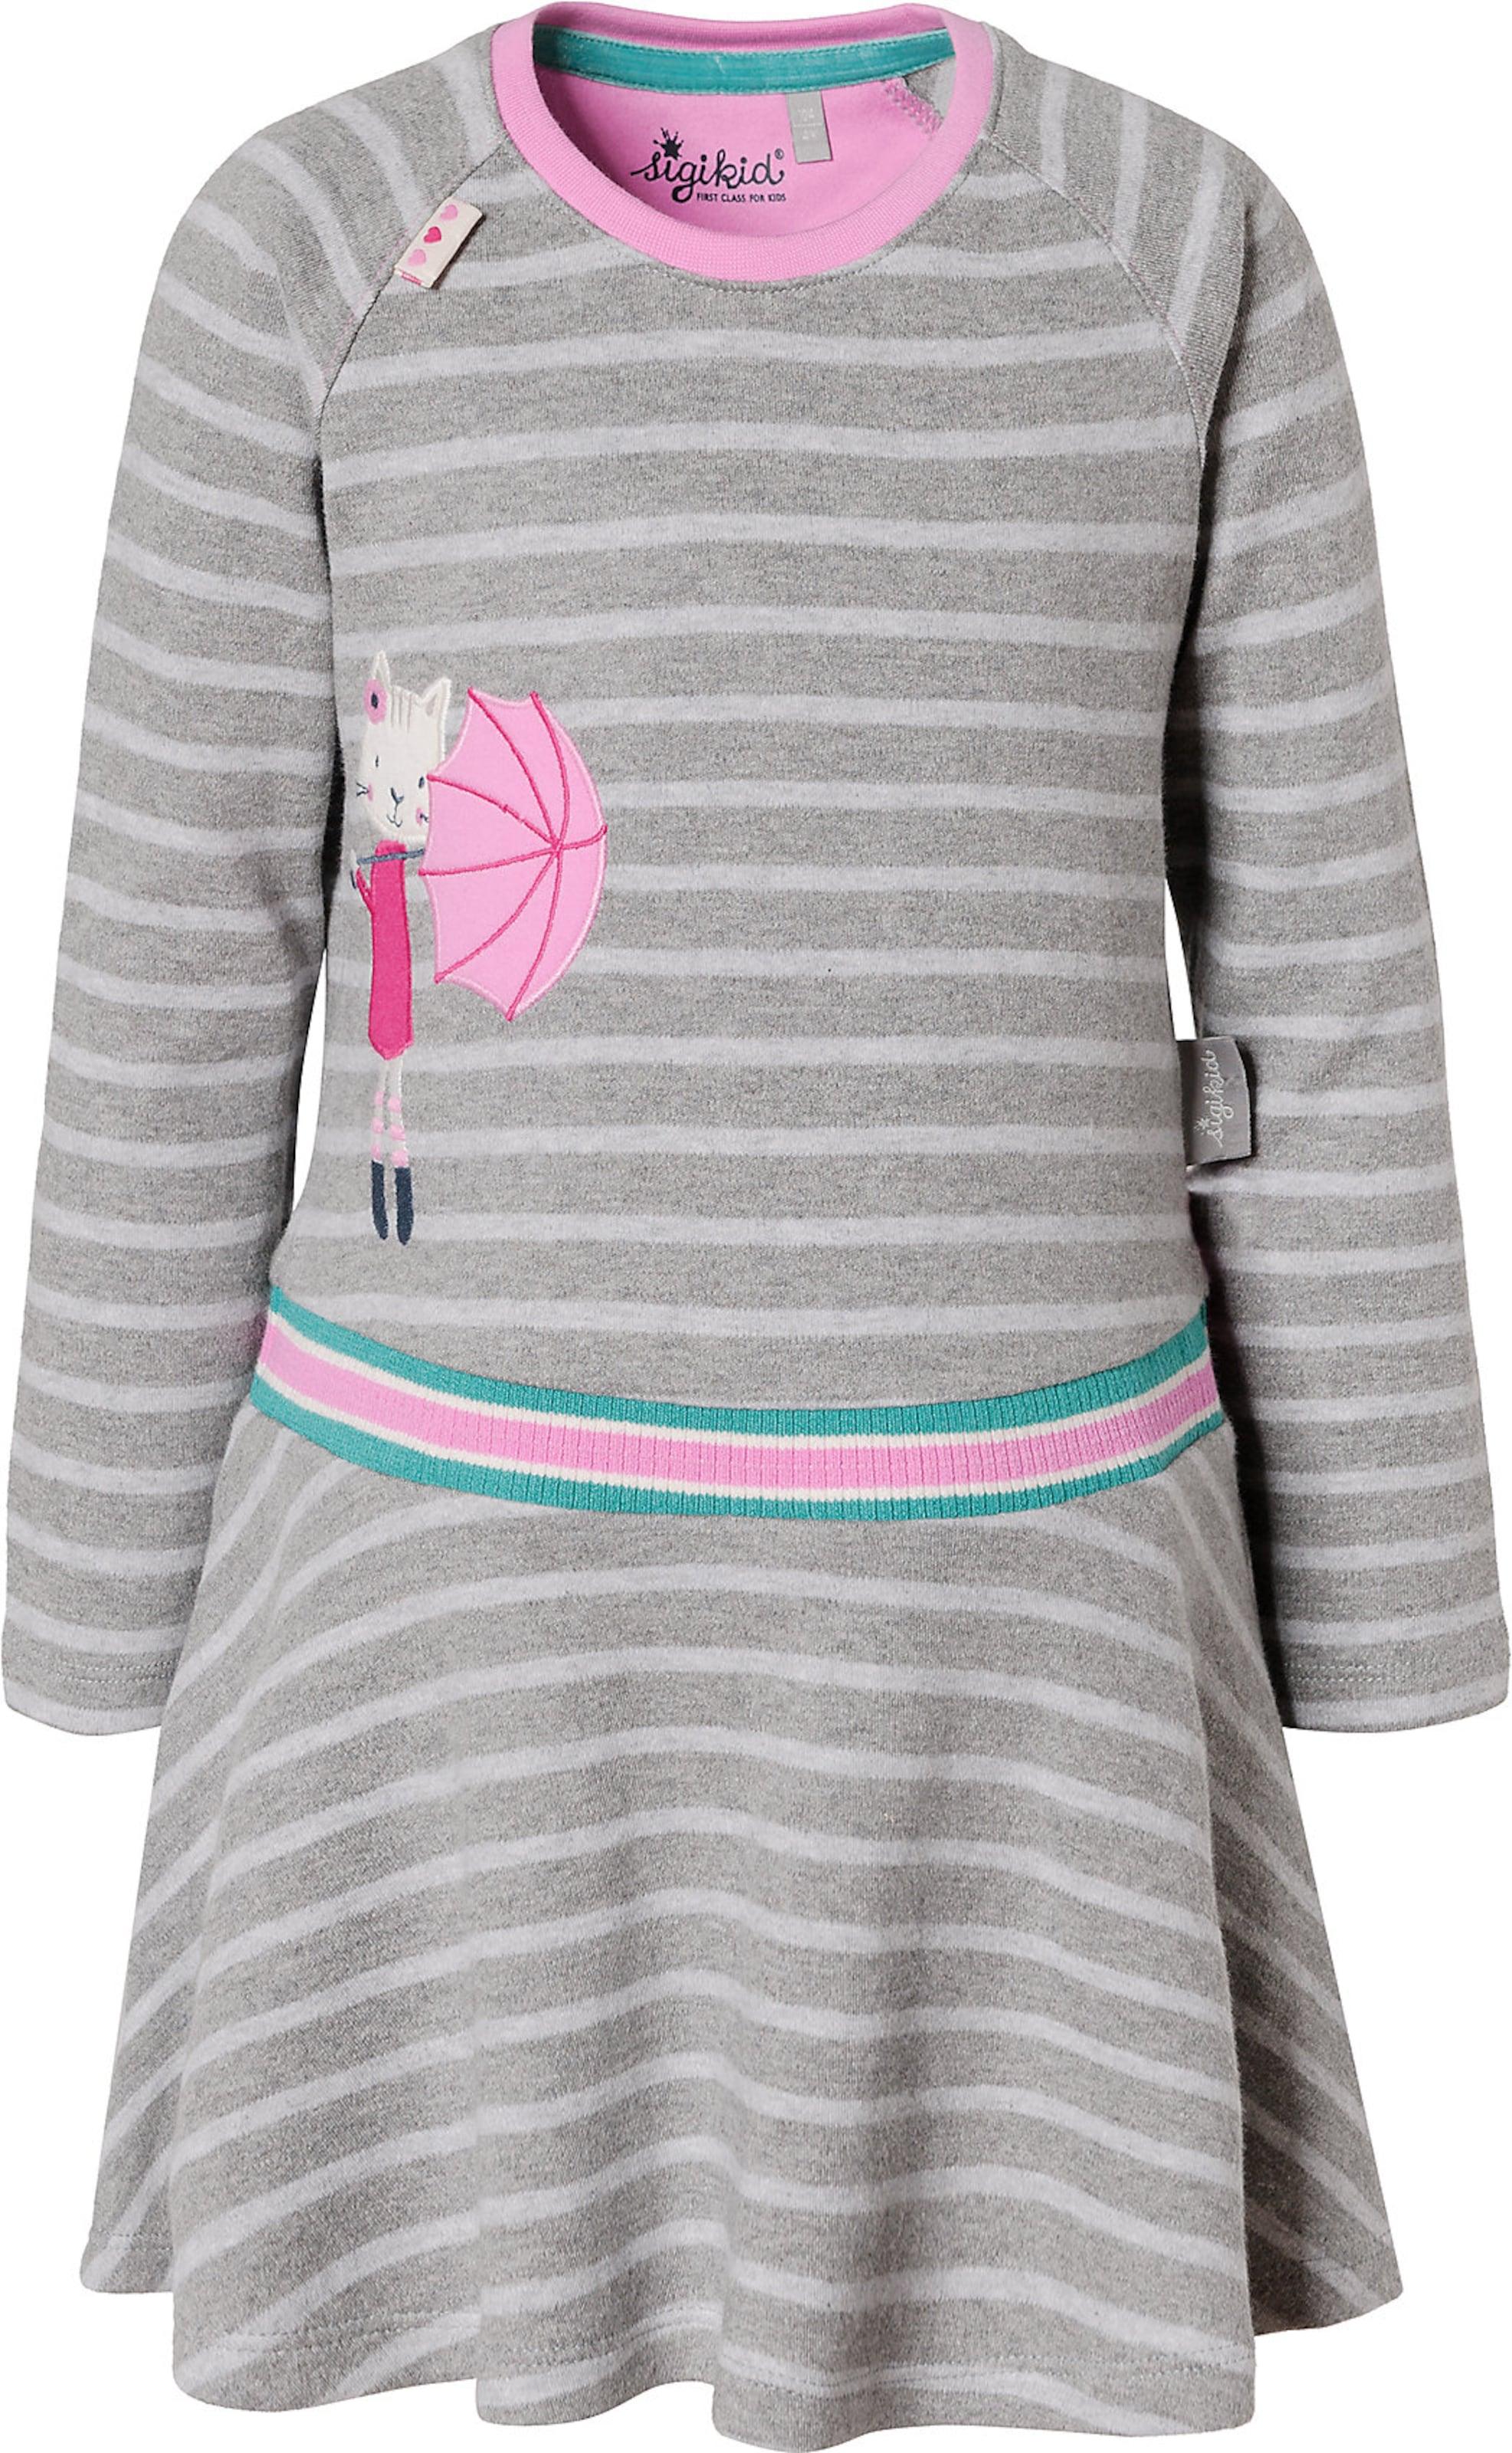 Kinder,  Mädchen,  Kinder SIGIKID Kleid grau,  pink, schwarz   04045646166488